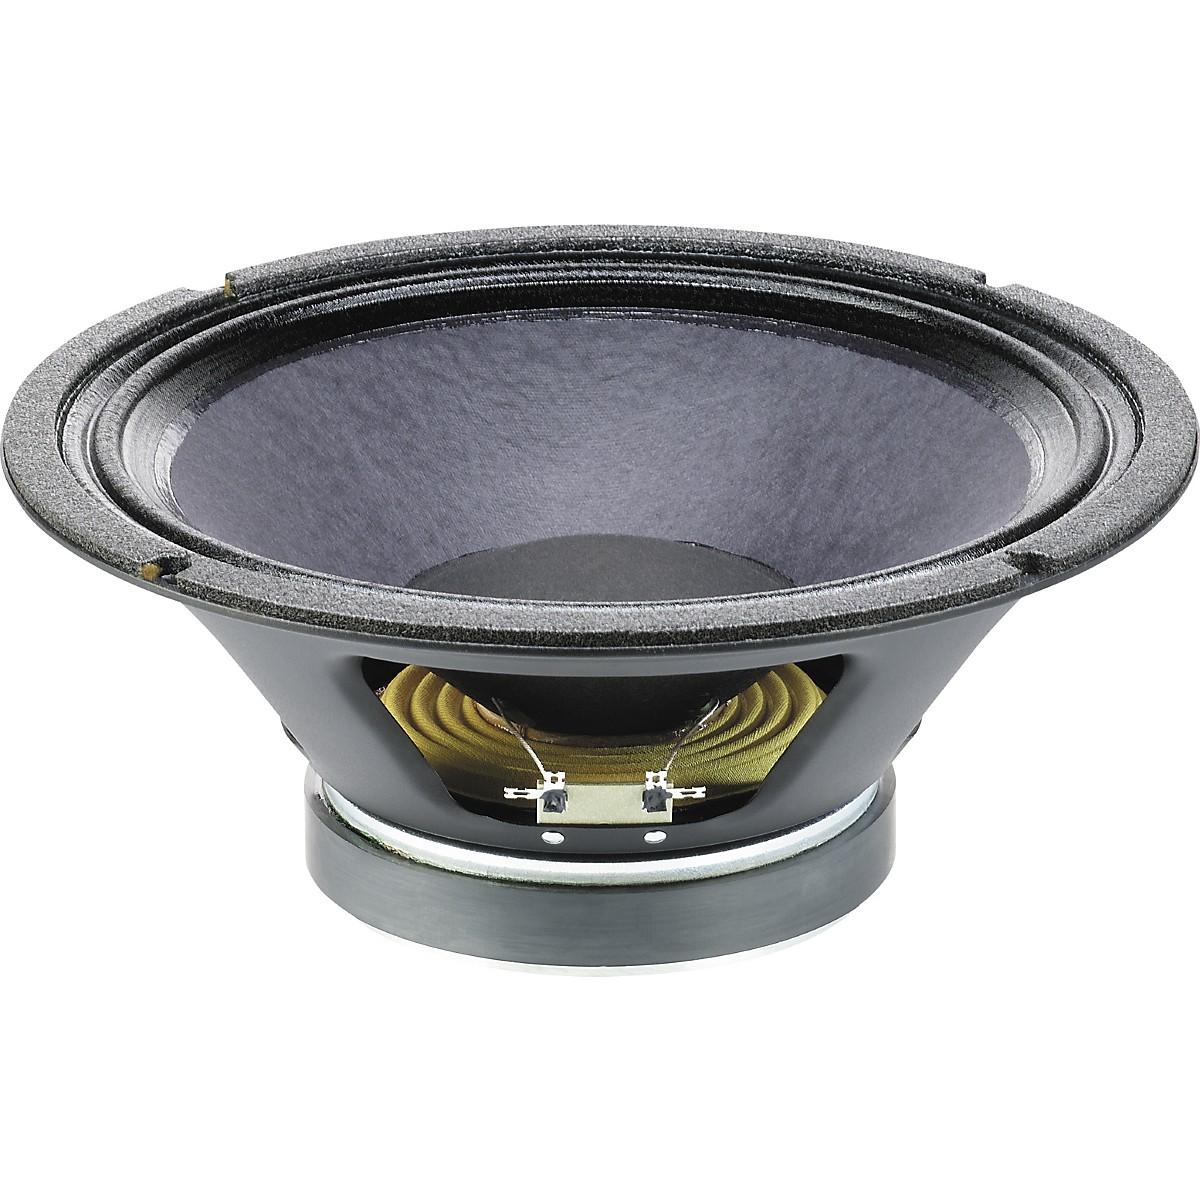 Celestion TF 1225e PA Speaker: Woofer 8 ohm